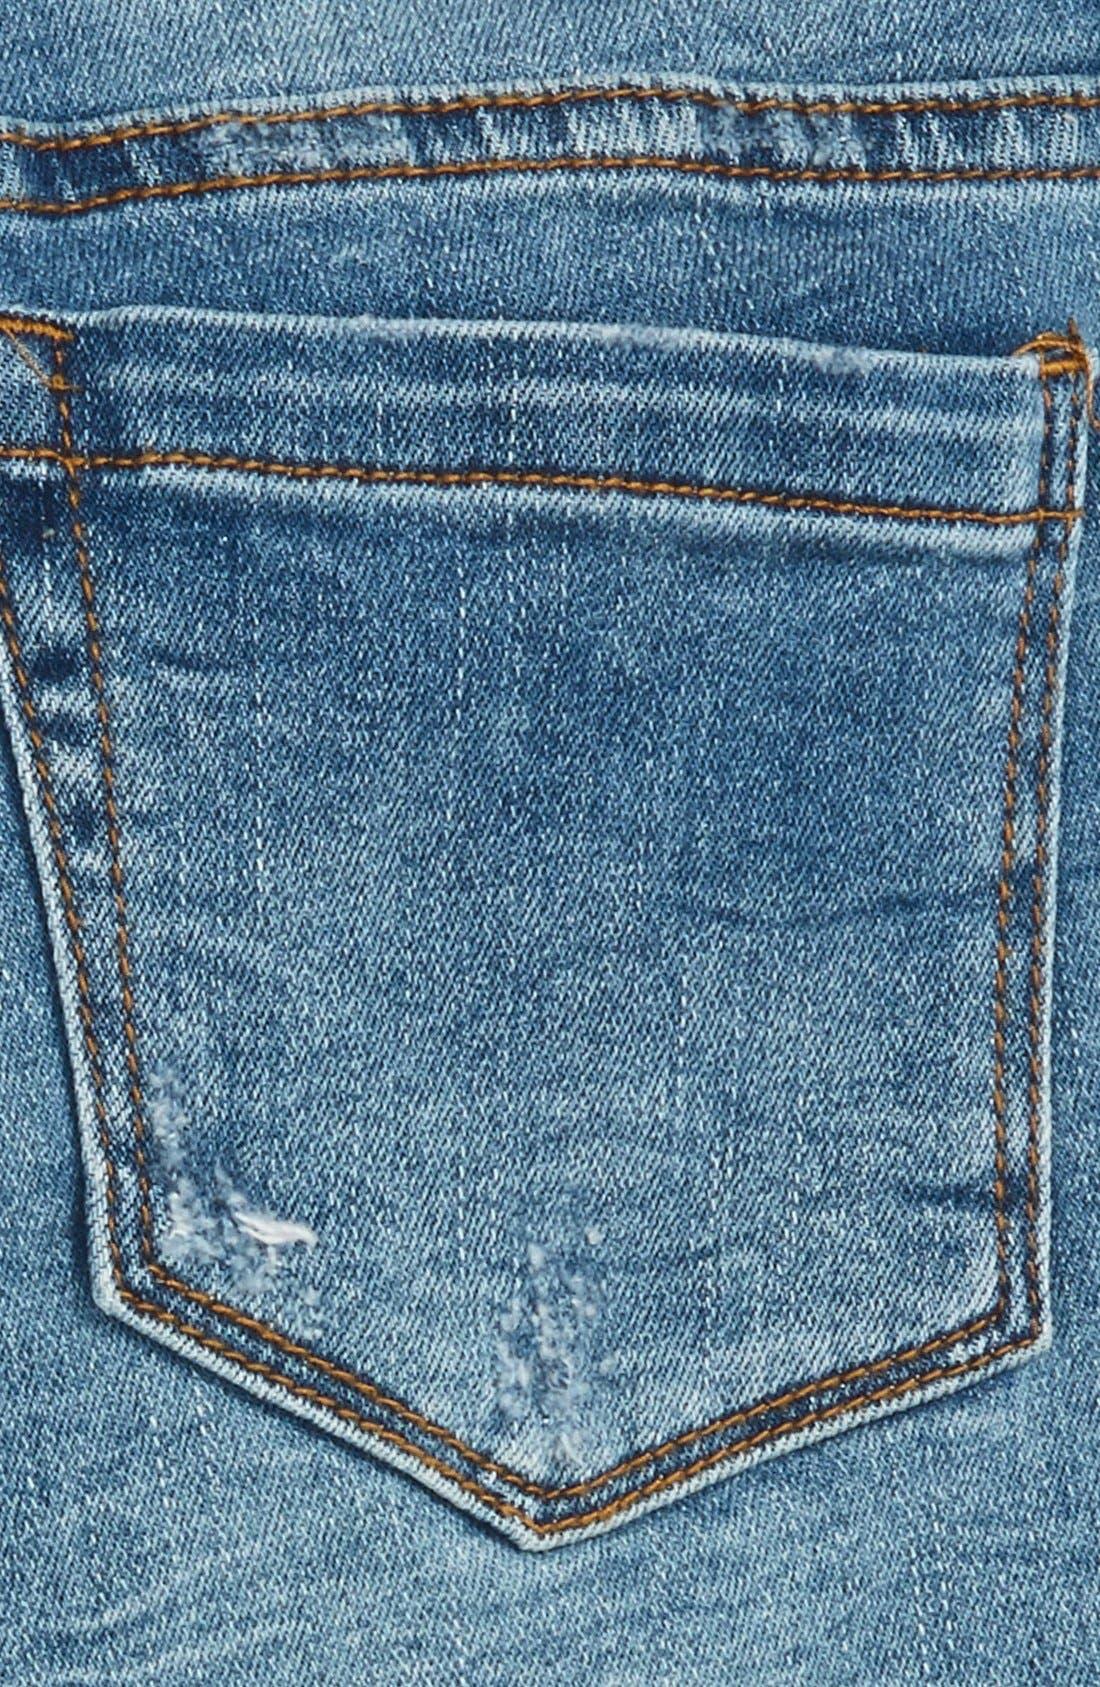 Alternate Image 3  - BLANKNYC Cutoff Denim Shorts (Big Girls)